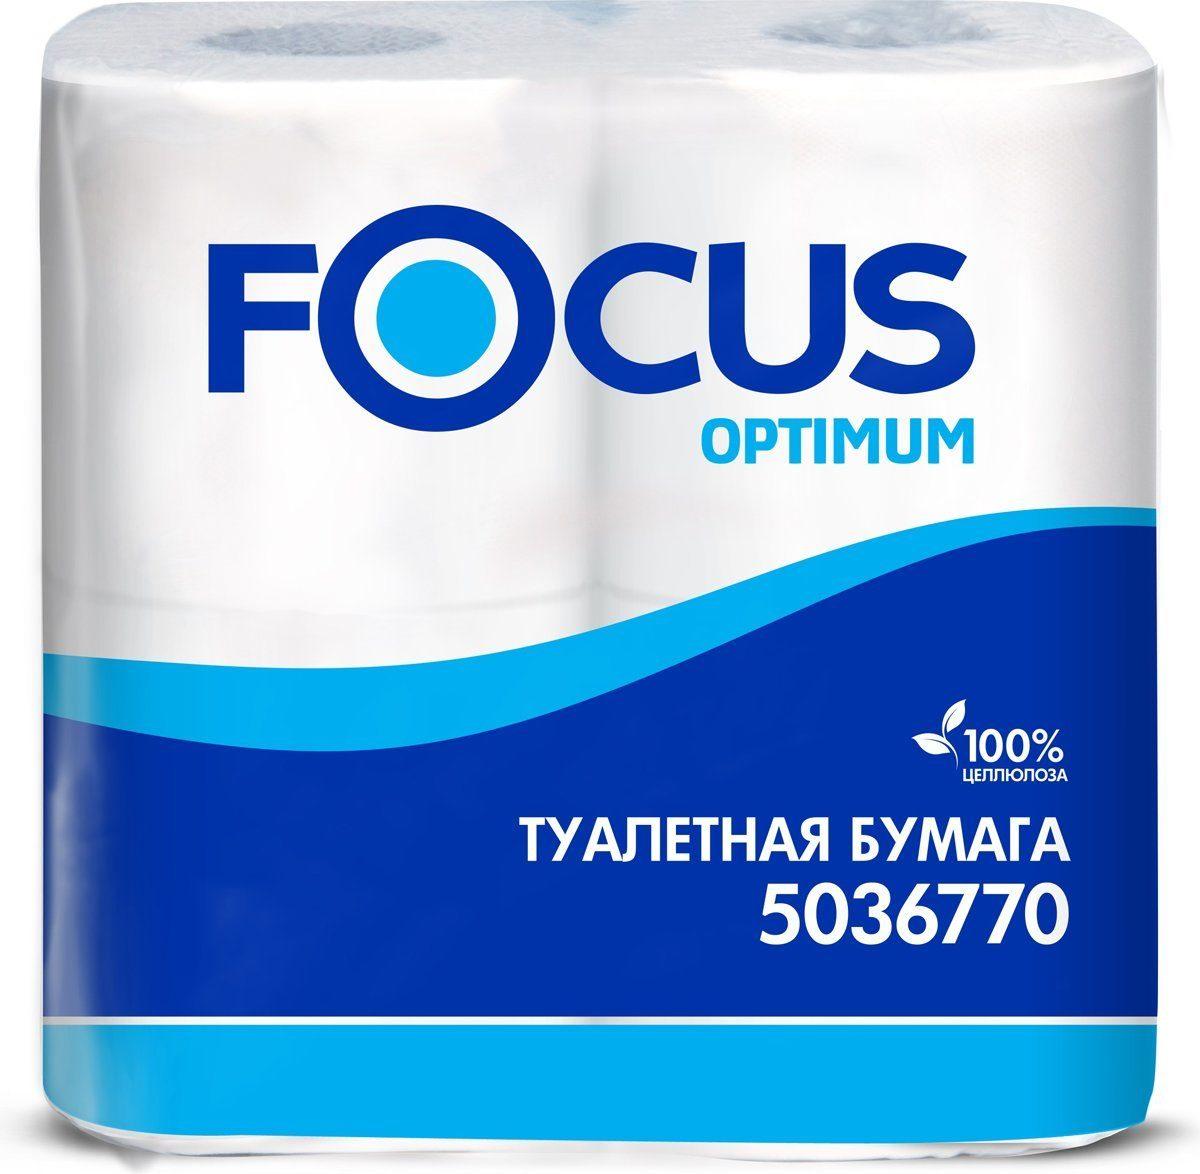 Туалетная бумага FOCUS OPTIMUM  2сл, 22м, 180л, 4 шт 1/14